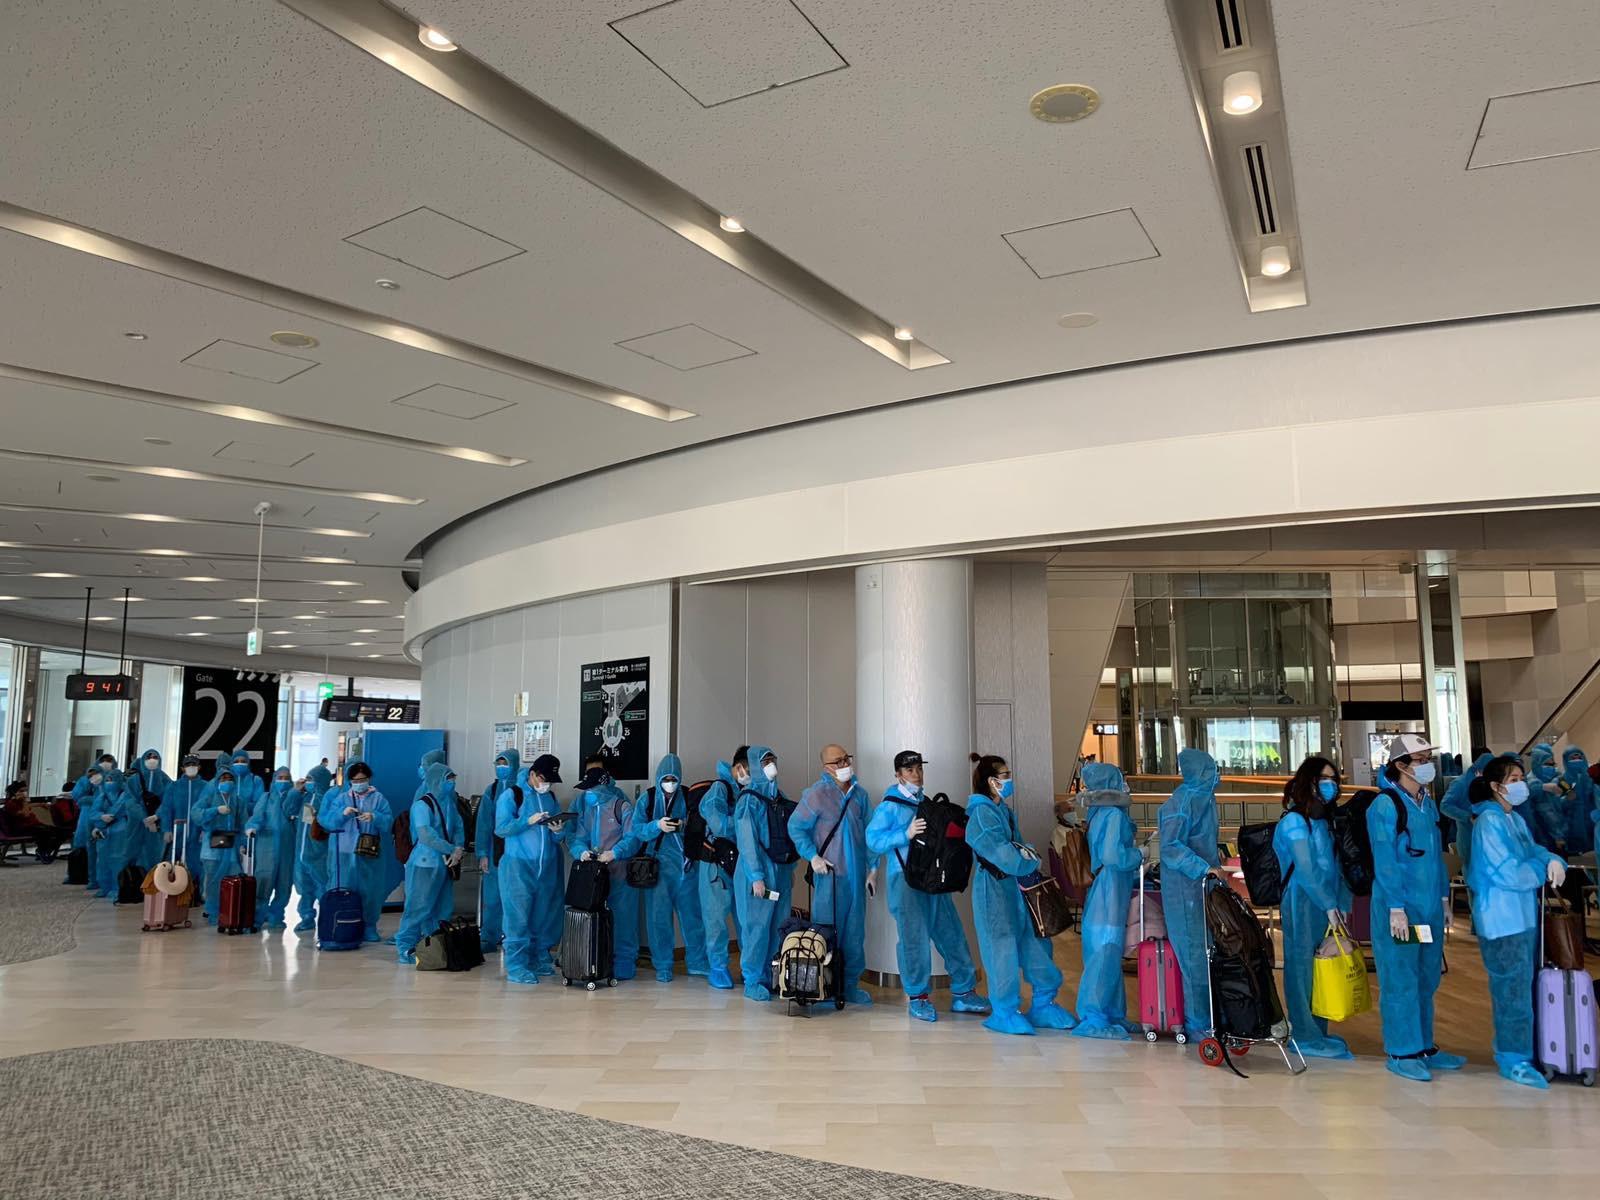 Thêm hơn 220 công dân Việt Nam từ Nhật Bản được đưa về nước an toàn